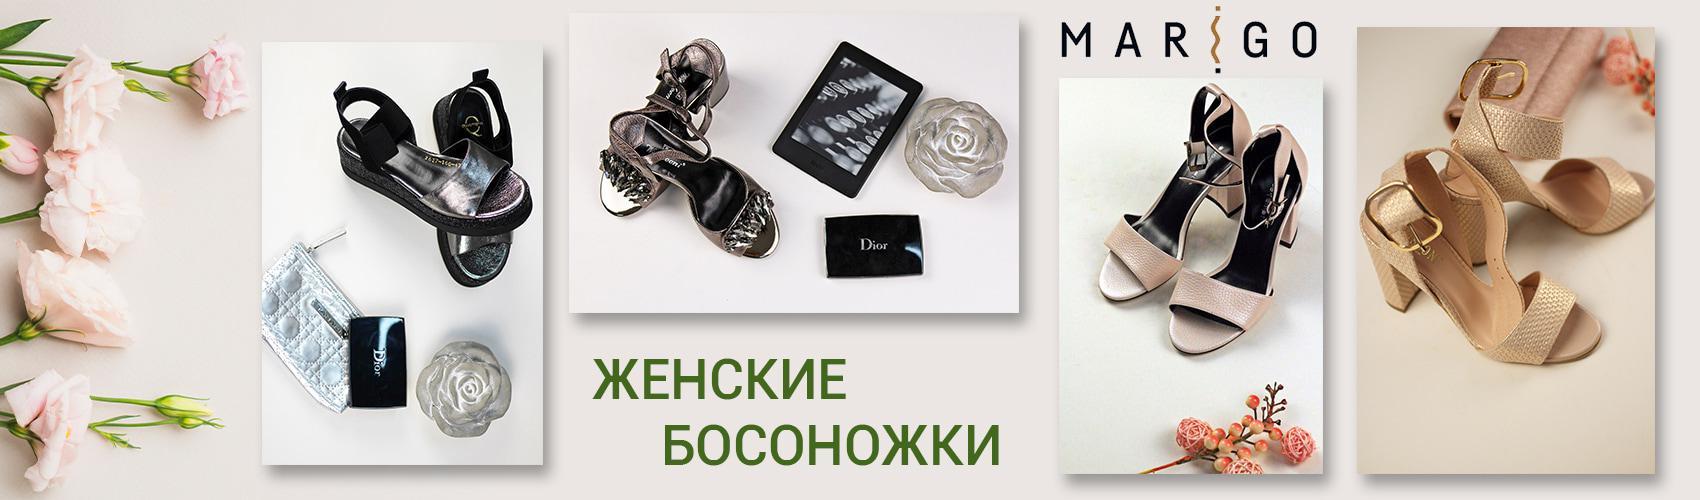 Женские босоножки купить в интернет магазине Marigo - Страница 28 6b0bb1bbd708f